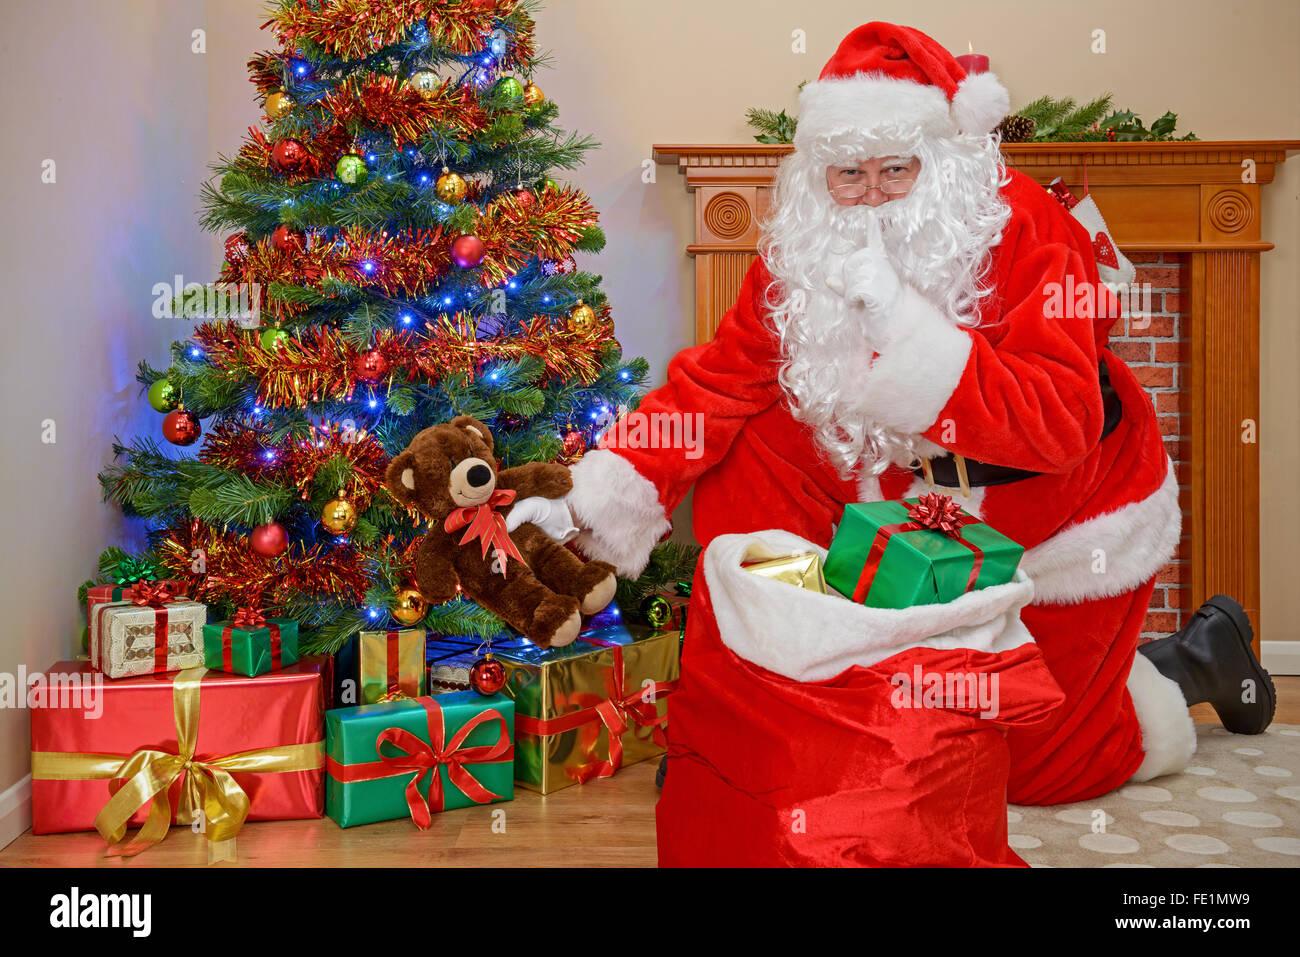 Santa Claus oder der Weihnachtsmann die Geschenke unter dem Baum während jeder schläft. Stockbild